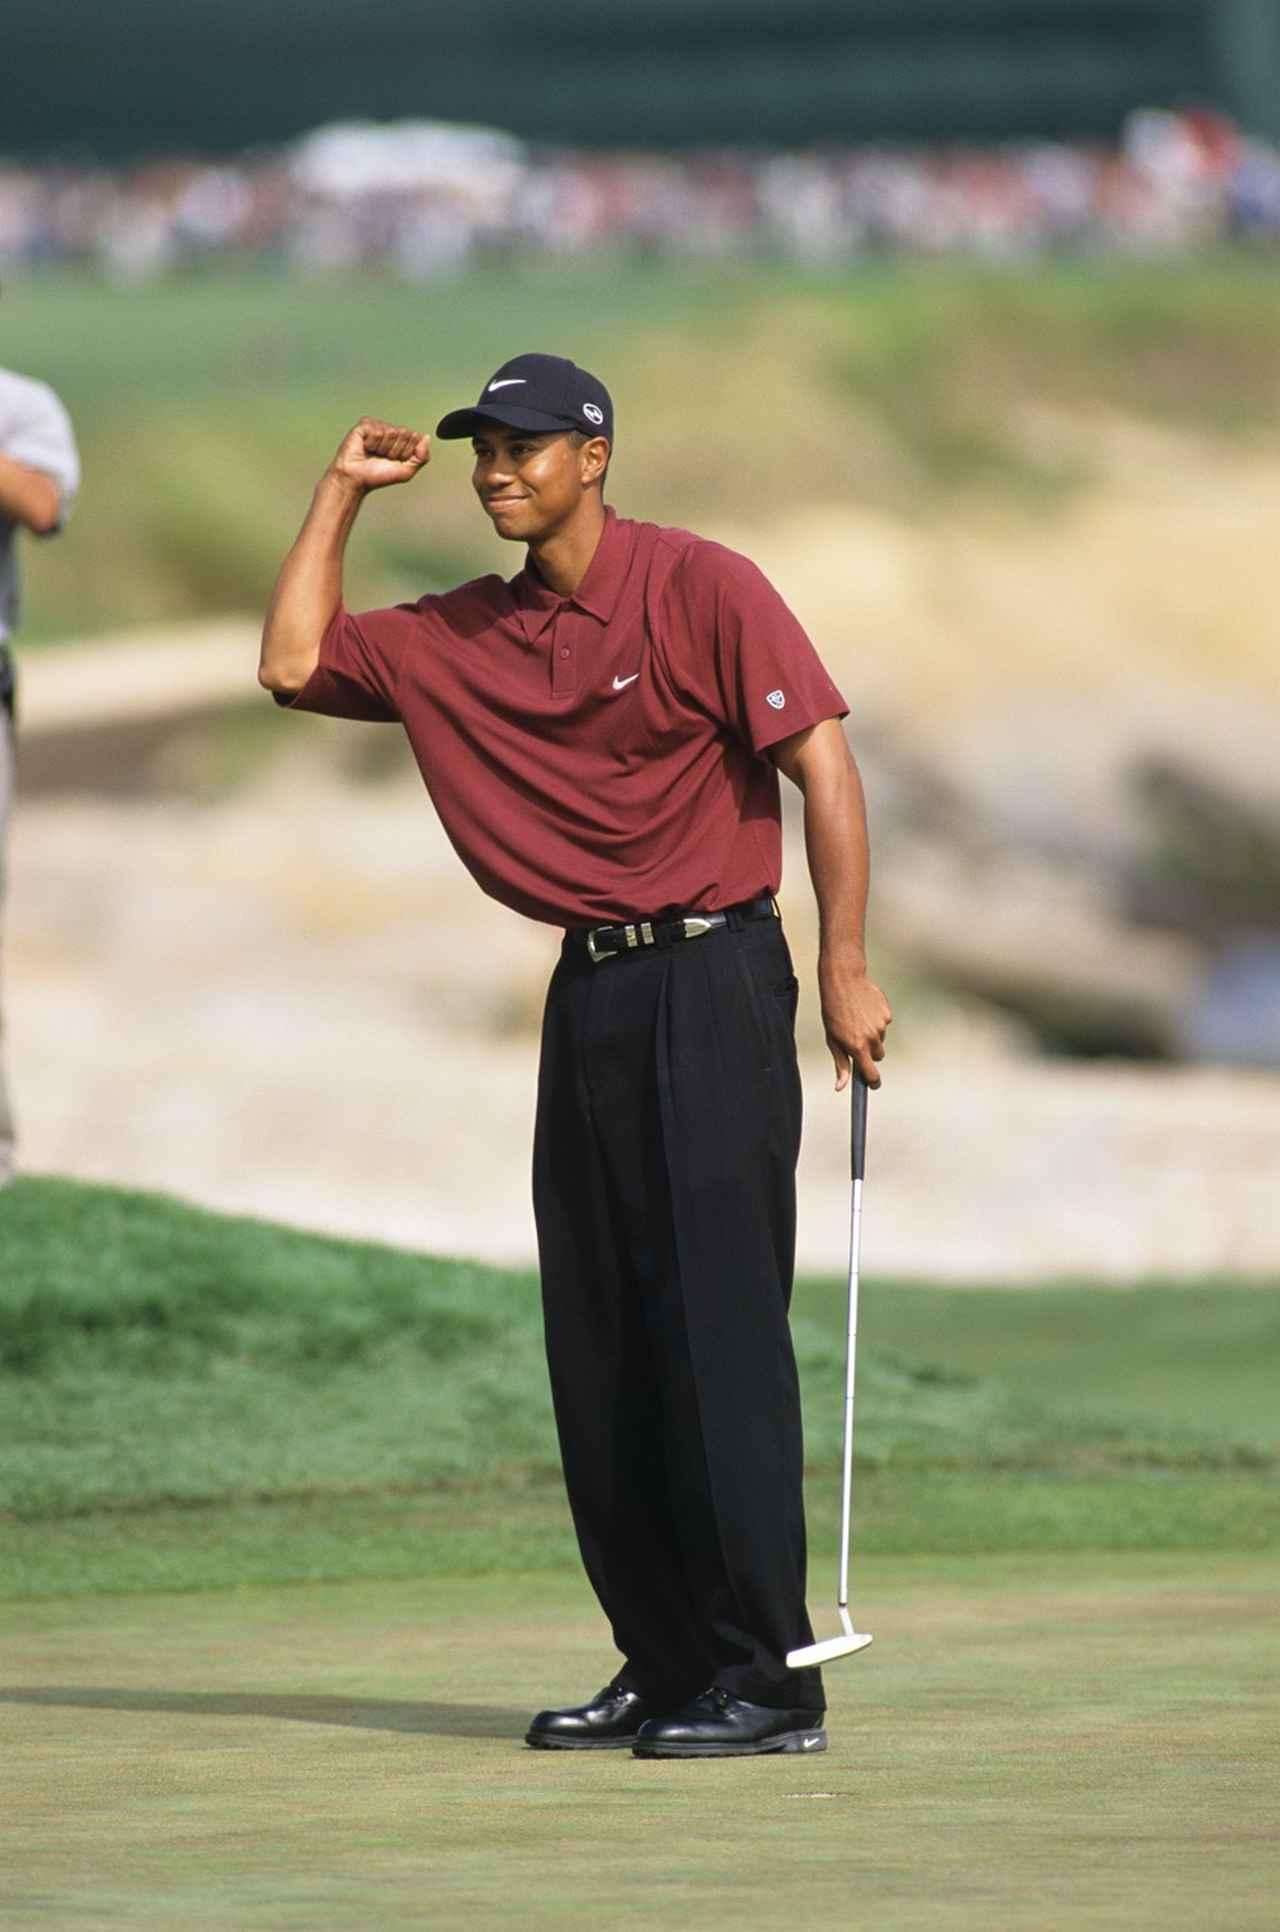 画像: 2000年の「全英OP」「全米OP」「全米プロ」のメジャー3勝を成し遂げたとき、キャメロンパターを使っていた(写真は2000年全米OP)